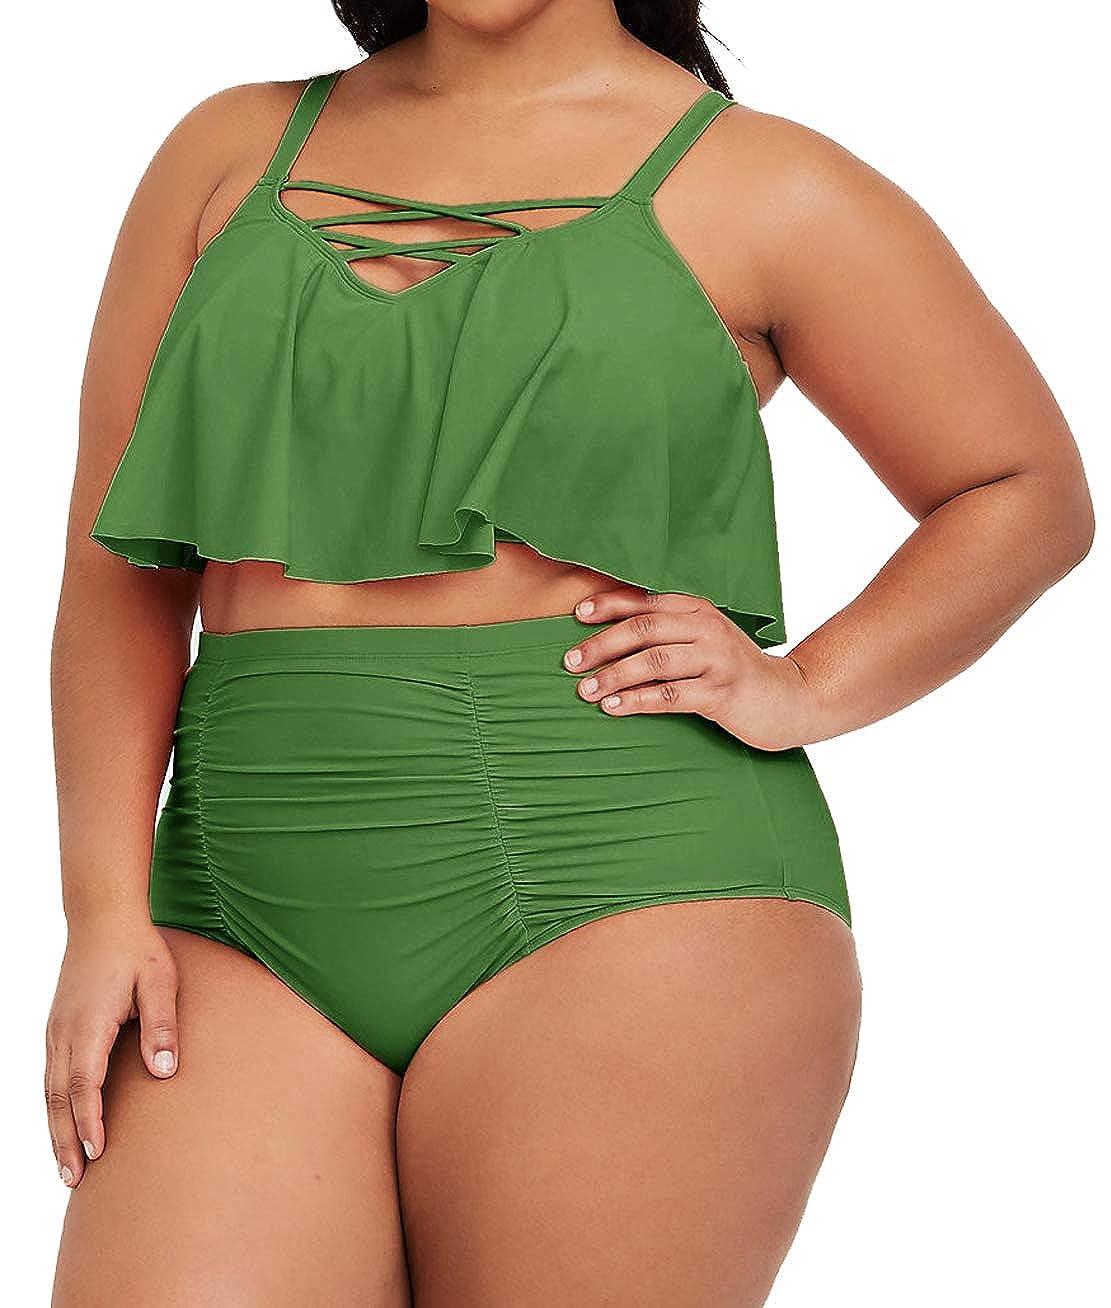 22f877a270b Amazon.com  YONYWA Women Plus Size High Waisted Bikini Sets Ruffle Bandage  Lace Up Swimsuits Tankini  Clothing